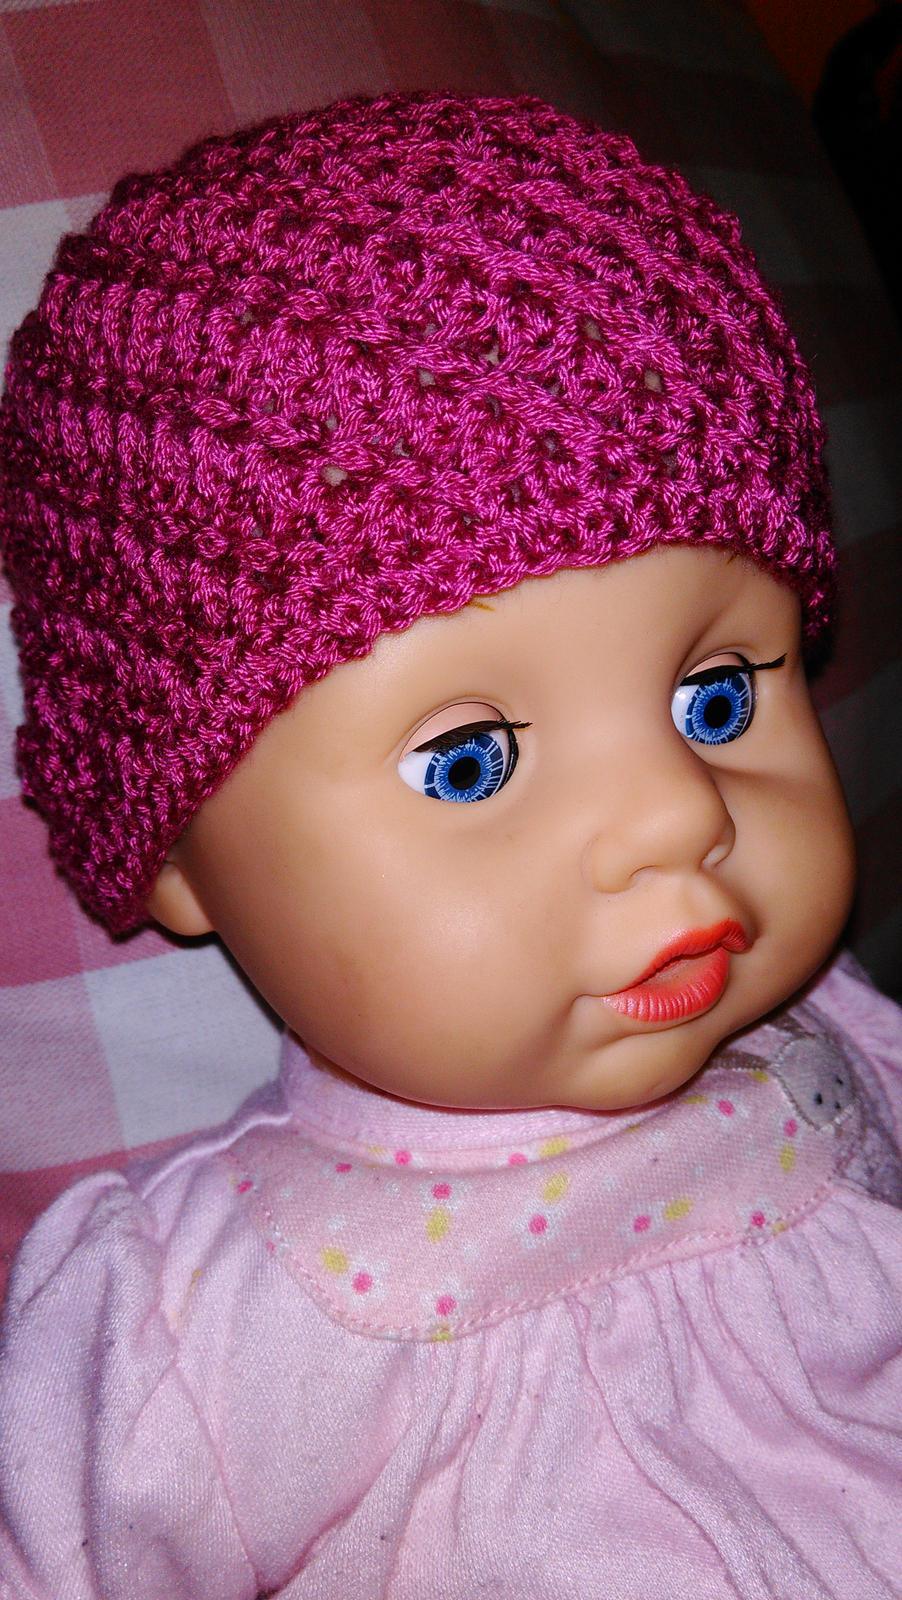 Šije šije  .....i háčkuje .... iiiviii :-) - a jedna pro panenku ;-)